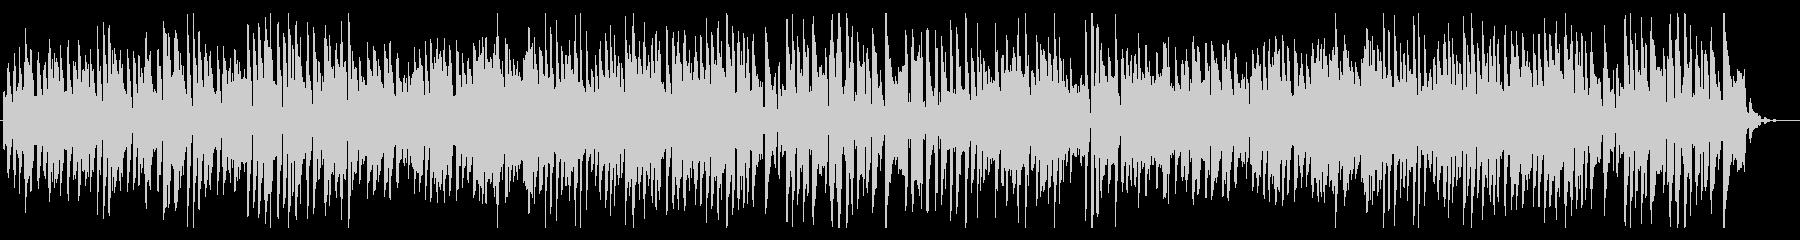 ファンキーでクールなブルースピアノソロ!の未再生の波形